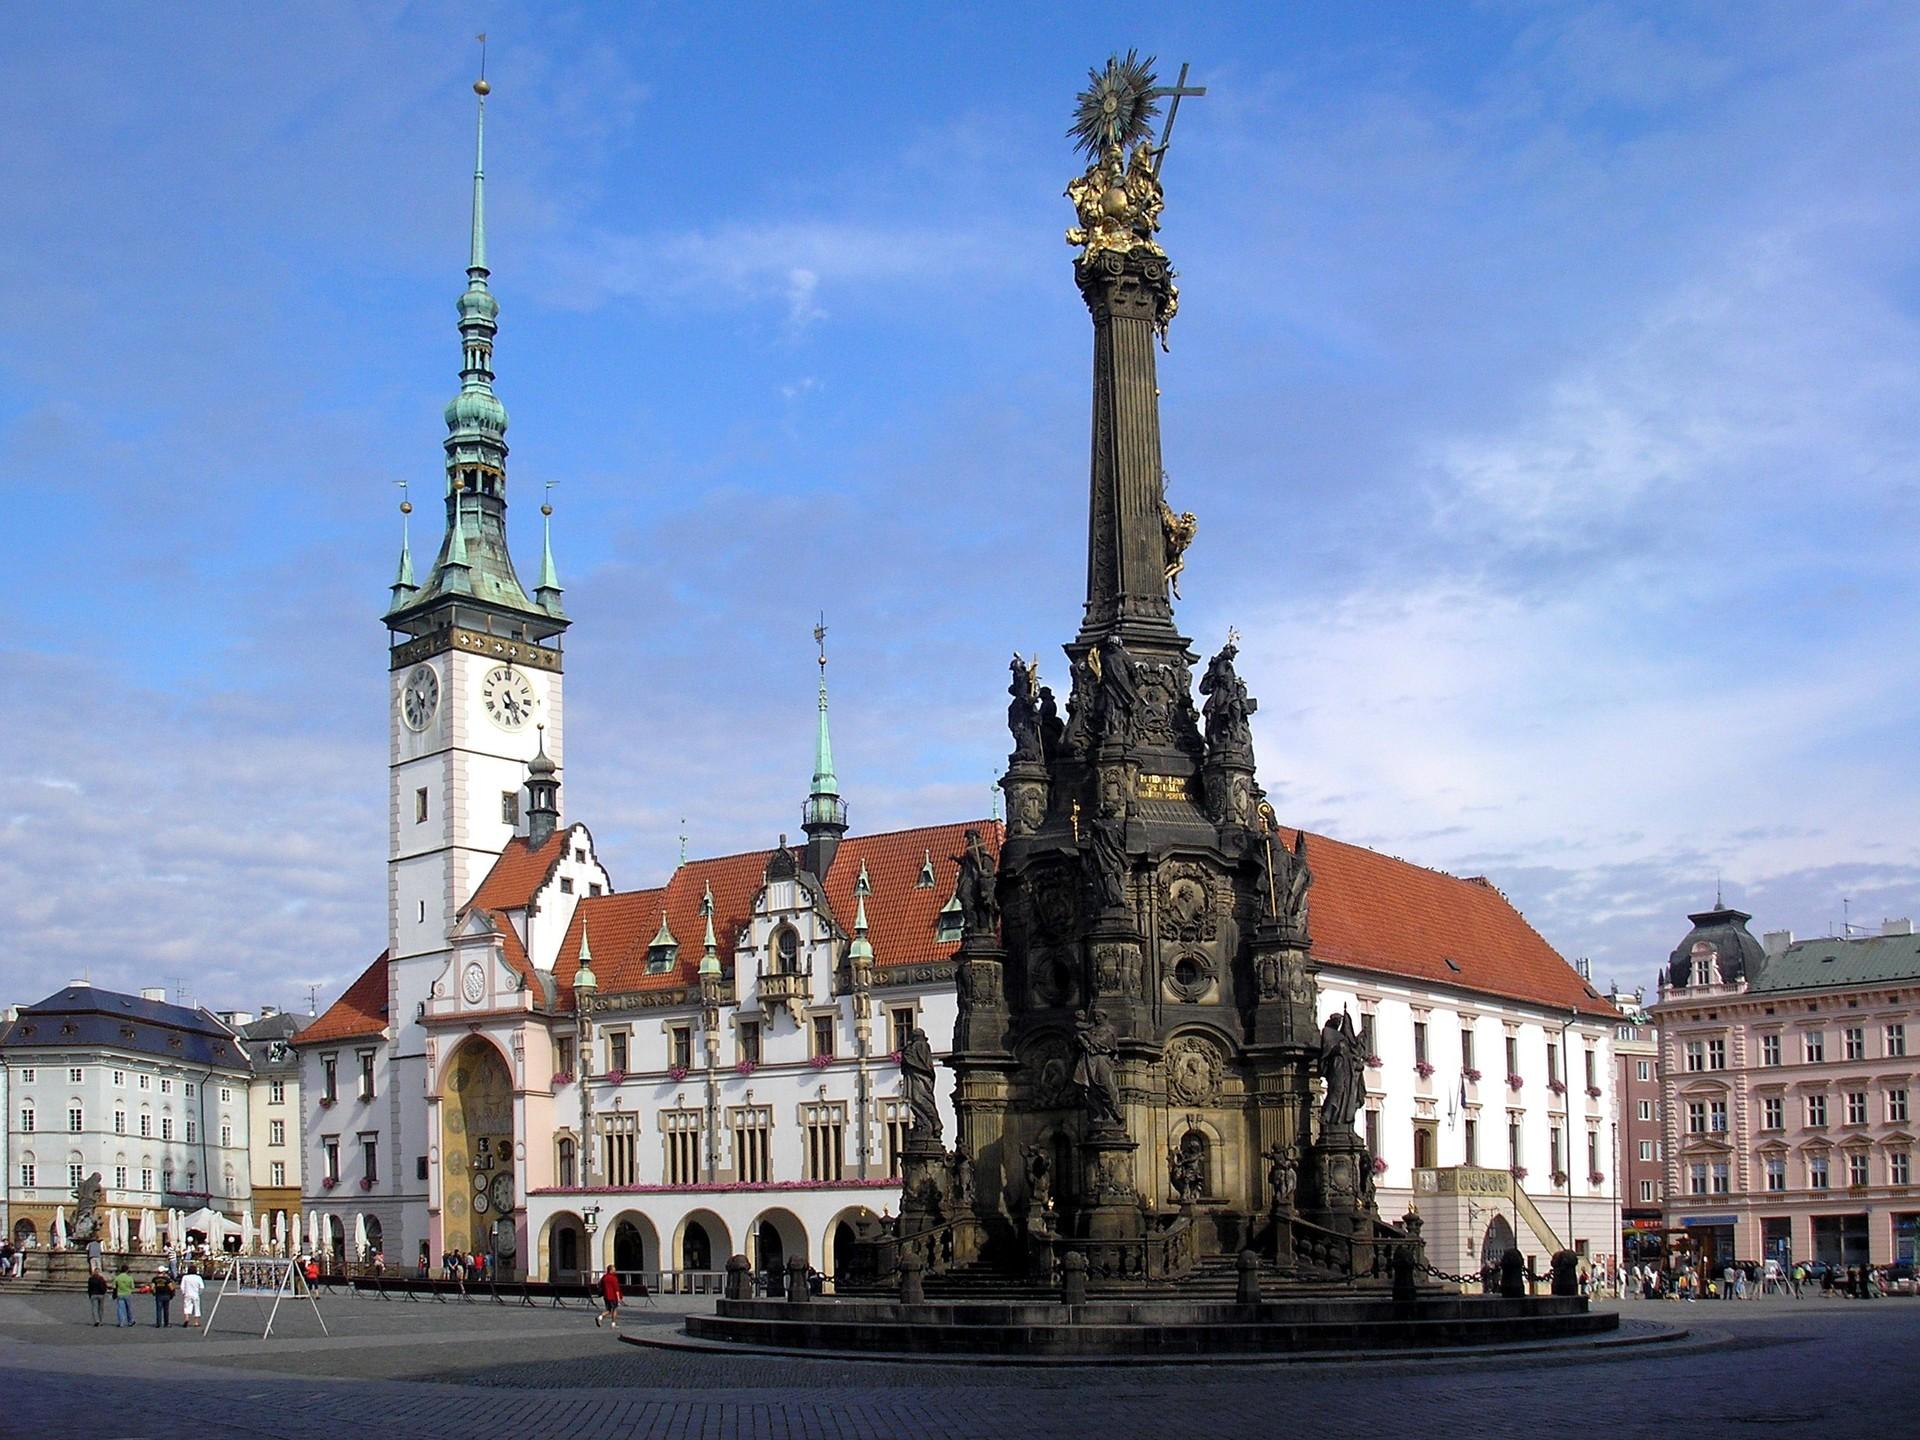 Erasmusowe doświadczenie w Ołomuńcu, Czechy oczami Apostolisa